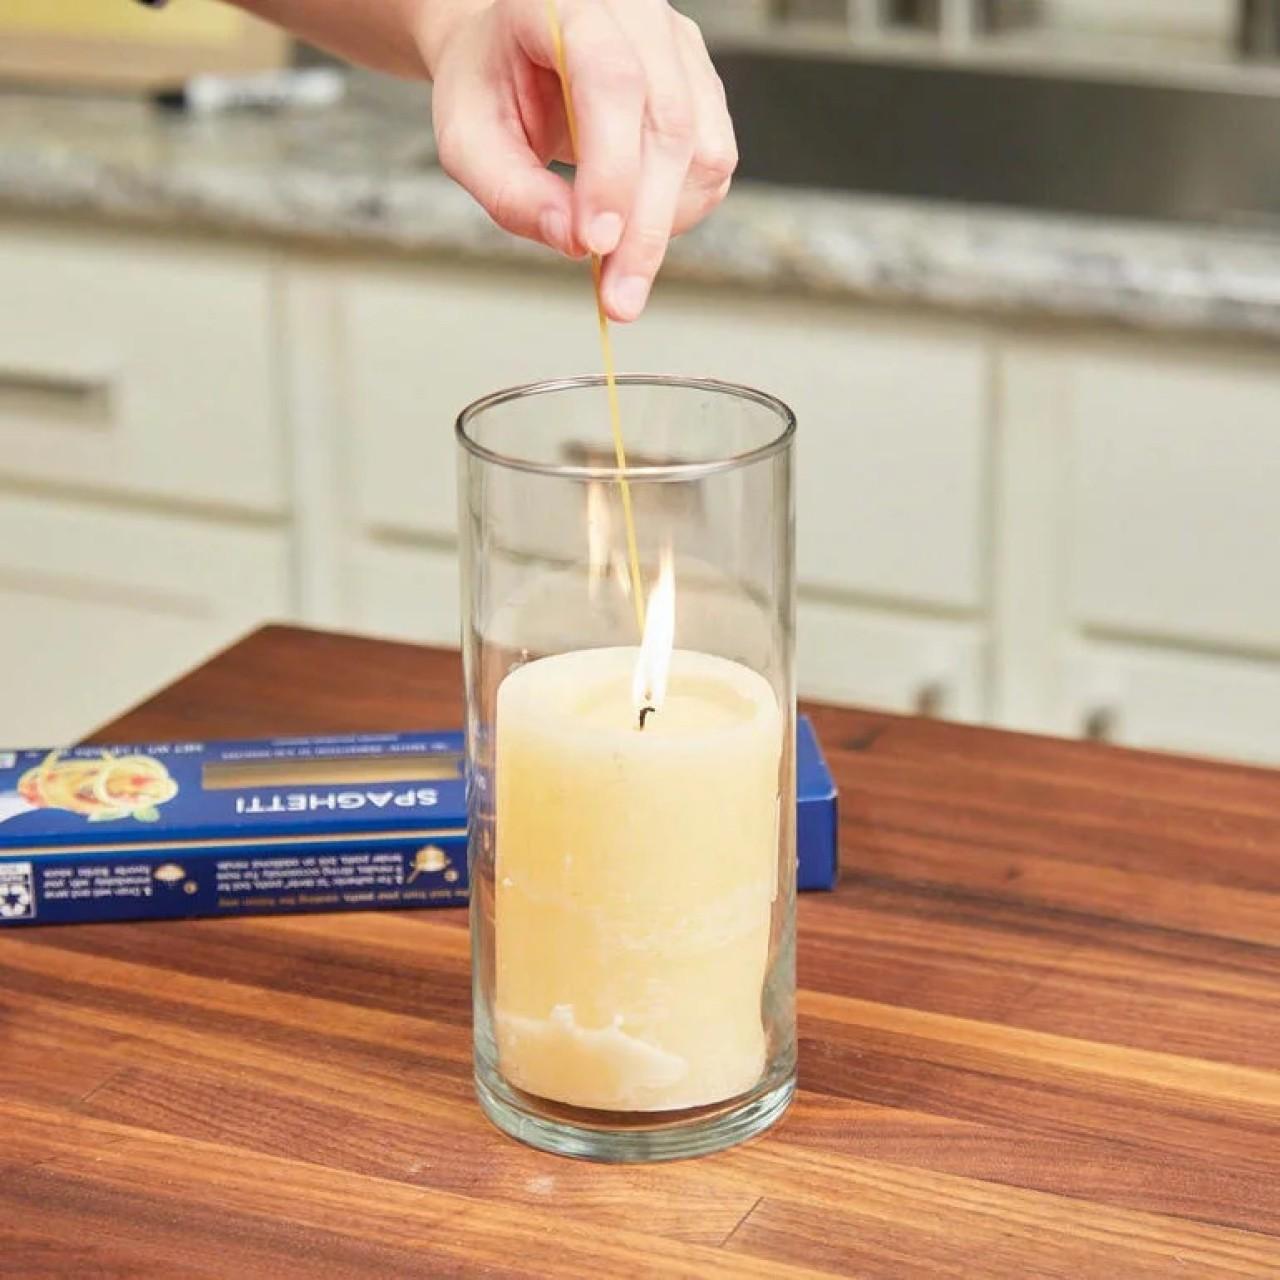 Поджигание свечи с помощью спагетти